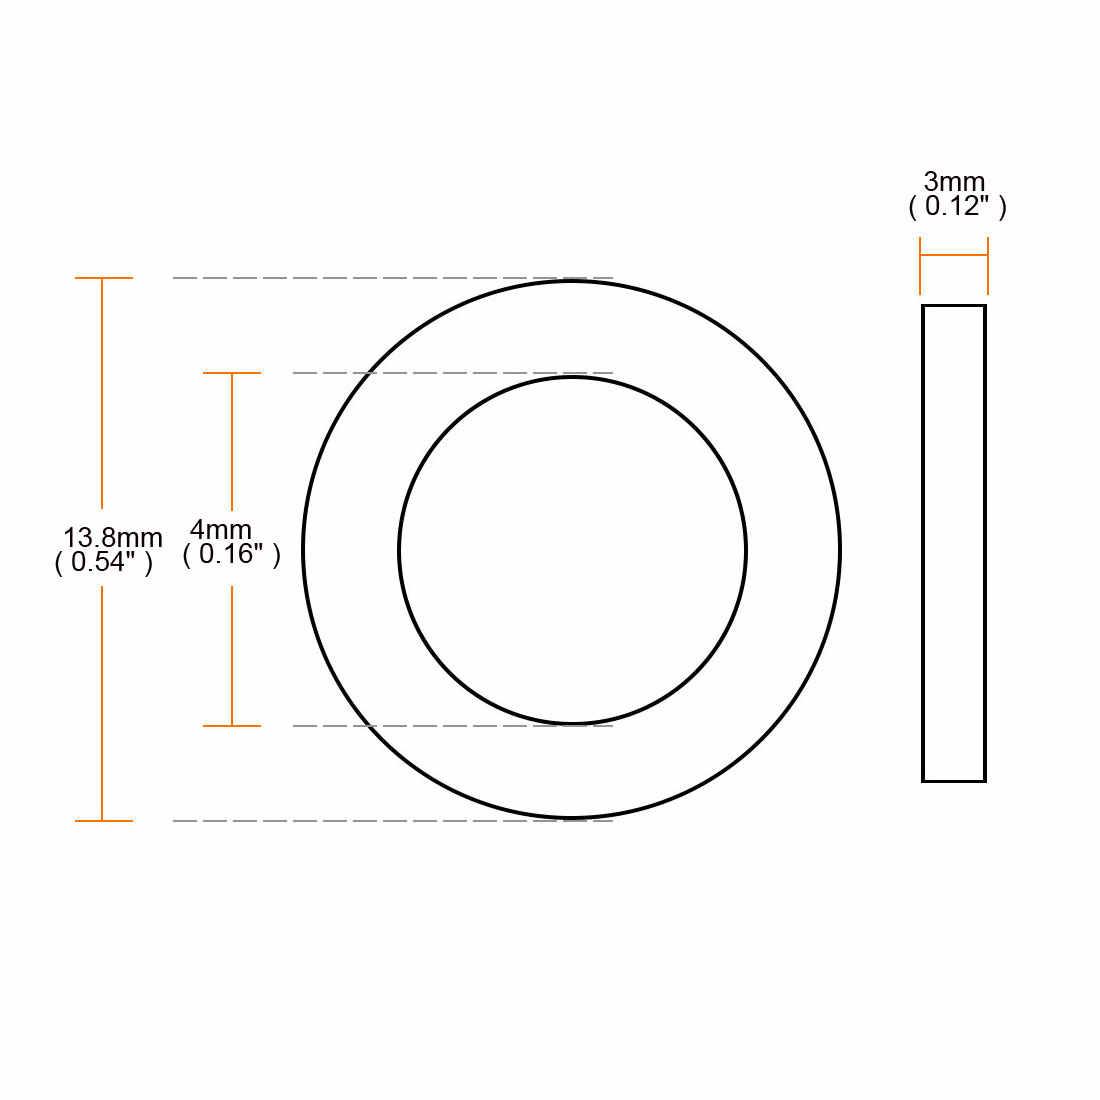 Uxcell gorąca sprzedaż 50 sztuk 3 rozmiary 11mm 13mm 16mm OD o-ring wąż uszczelka płaska podkładka gumowa Lot dla kran przelotka czarny